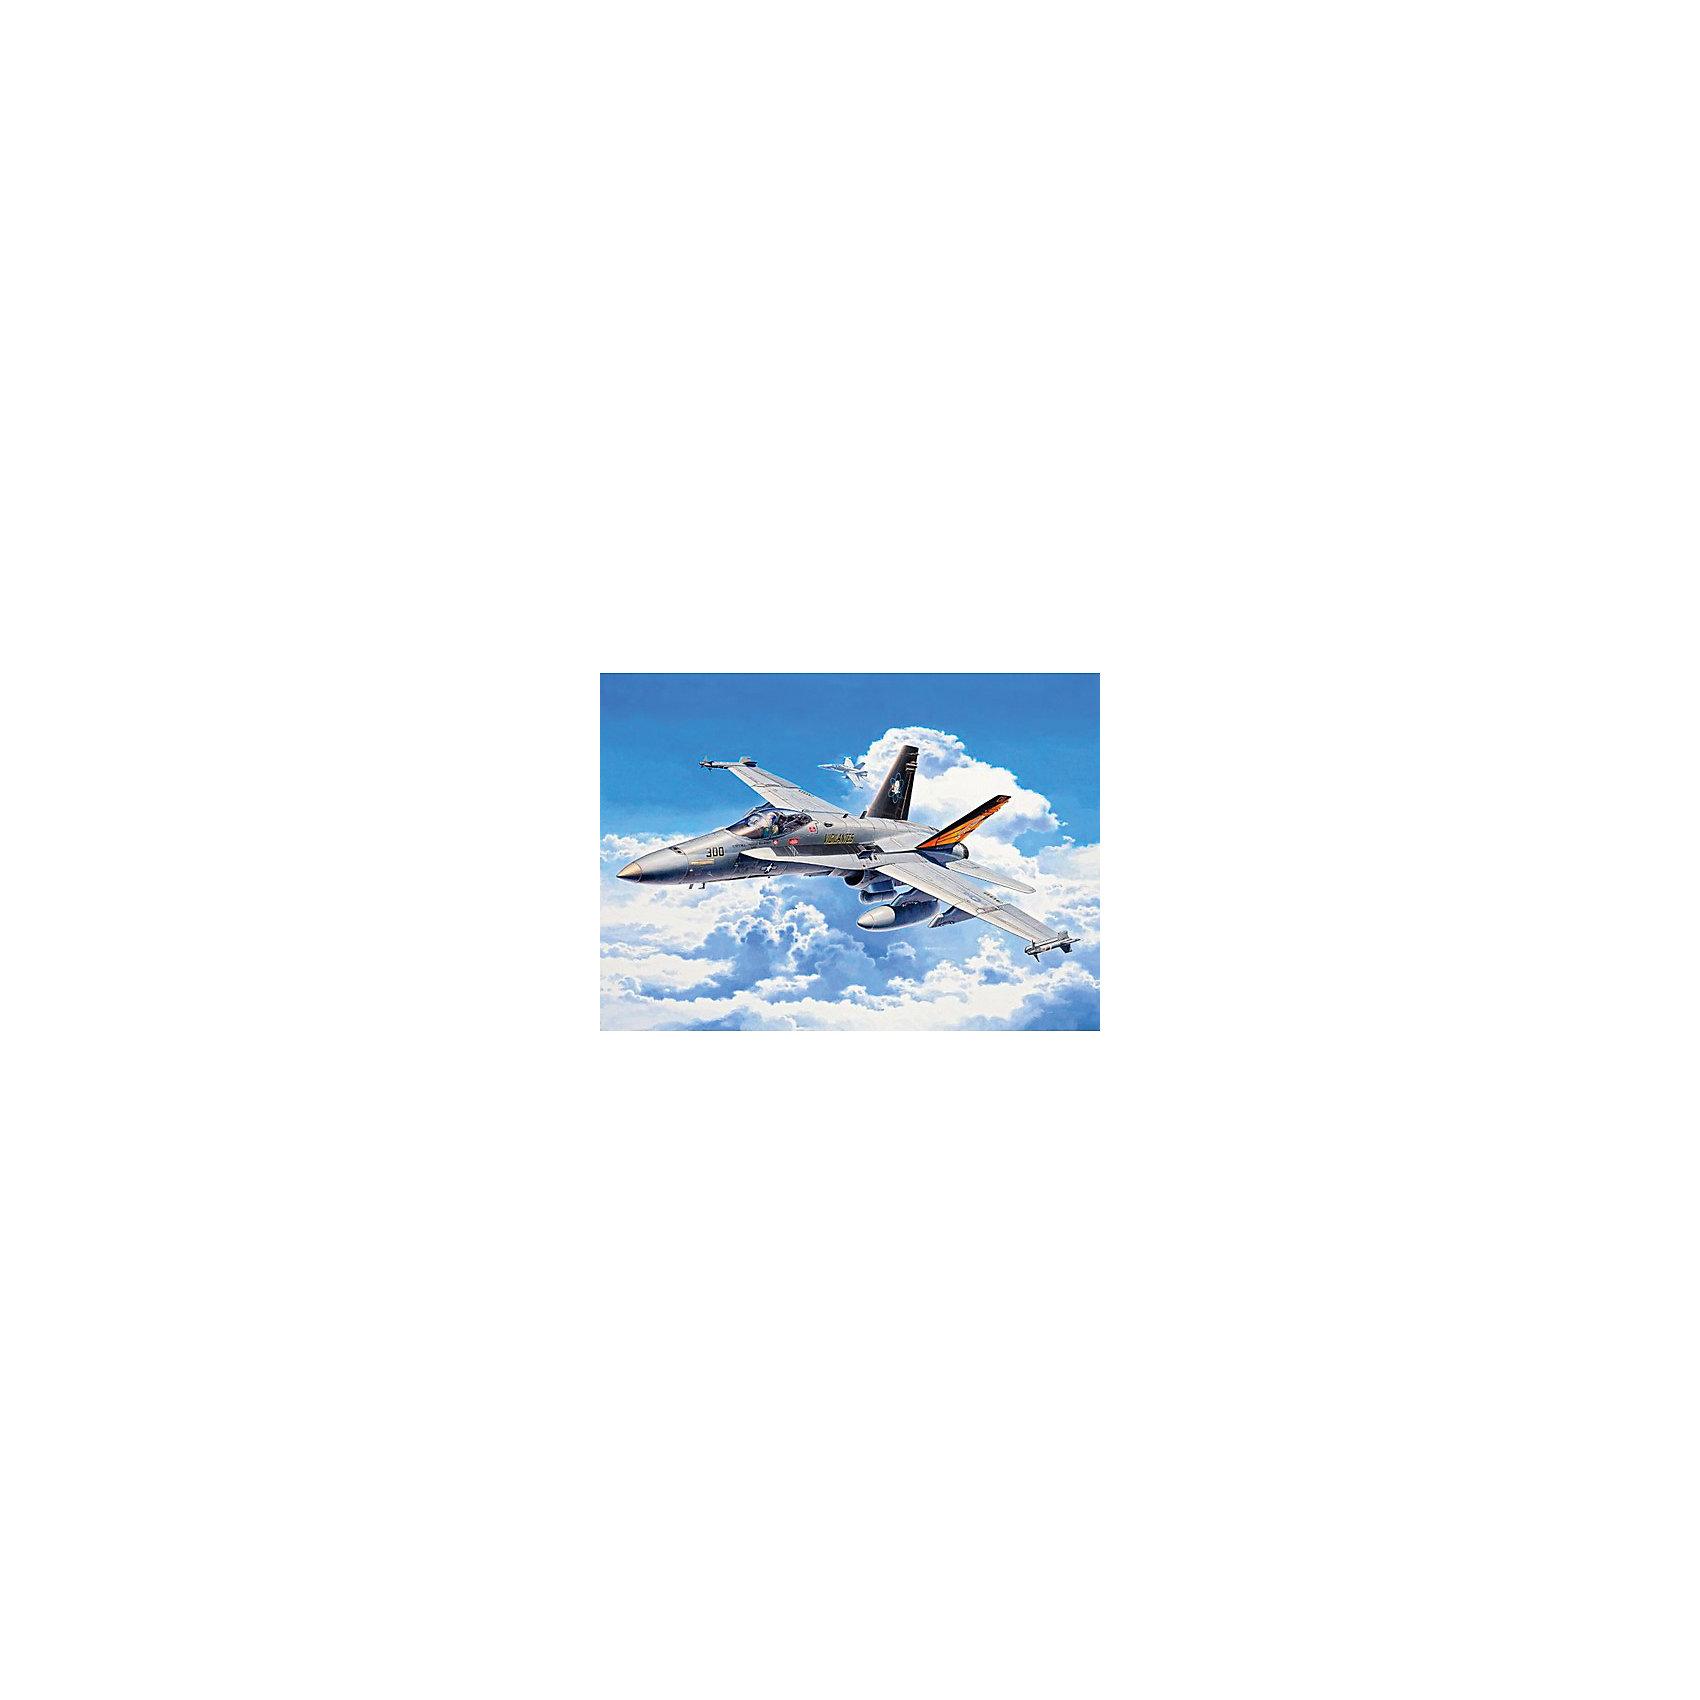 Набор Истребитель-бомбардировщик, RevellИстребитель-бомбардировщик F/A-18C Hornet был разработан по поручению военно-морских сил США и корпуса морской пехоты США для использования на авианосцах класса Nimitz. С 1986 года истребитель был вовлечён во множество военных операций США. Основными задачами бомбардировщика являются обеспечения стратегического преимущества для американской армии, как в воздухе, так и на земле, а также разведывательные миссии и наблюдение за воздушным пространством.  Великолепная сборная модель прекрасно детализирована и представляет собой абсолютно точную уменьшенную копию своего прототипа в масштабе 1:72. Компания-производитель модели Revell отнеслась со всей ответственностью к деталям макета: превосходно выполненные фактурные поверхности самолёта, подробная кабина пилота, оригинальные шасси и система вооружения не дадут сомневаться в подлинности макета F/A-18C Hornet. Всего модель состоит из 88 отдельных компонентов, которые предстоит собрать и склеить в соответствии с инструкцией, а затем покрыть краской. В наборе прилагаются краски оригинальных цветов, кисточка, уникальный набор наклеек для создания неповторимого дизайна, приближённого к оригиналу, а также качественный клей в удобной упаковке. <br>Длина готовой модели истребителя-бомбардировщика составляет 235 мм, а размах крыльев – 173 мм.  Разработанная для детей от 10 лет, сборная модель американского истребителя-бомбардировщика F/A-18C Hornet, несомненно, обрадует не только юных любителей моделирования, но и взрослых его поклонников. Ведь моделирование относят к одному из наиболее полезных хобби, ведь оно отлично тренирует мелкую моторику, развивает такие навыки как усидчивость, аккуратность и внимательность. Кроме того, развивается пространственное мышление, логика и креативность.<br><br>Набор Истребитель-бомбардировщик, Revell  можно купить в нашем магазине.<br><br>Ширина мм: 370<br>Глубина мм: 340<br>Высота мм: 45<br>Вес г: 480<br>Возраст от месяцев: 132<br>Возраст до месяцев: 192<